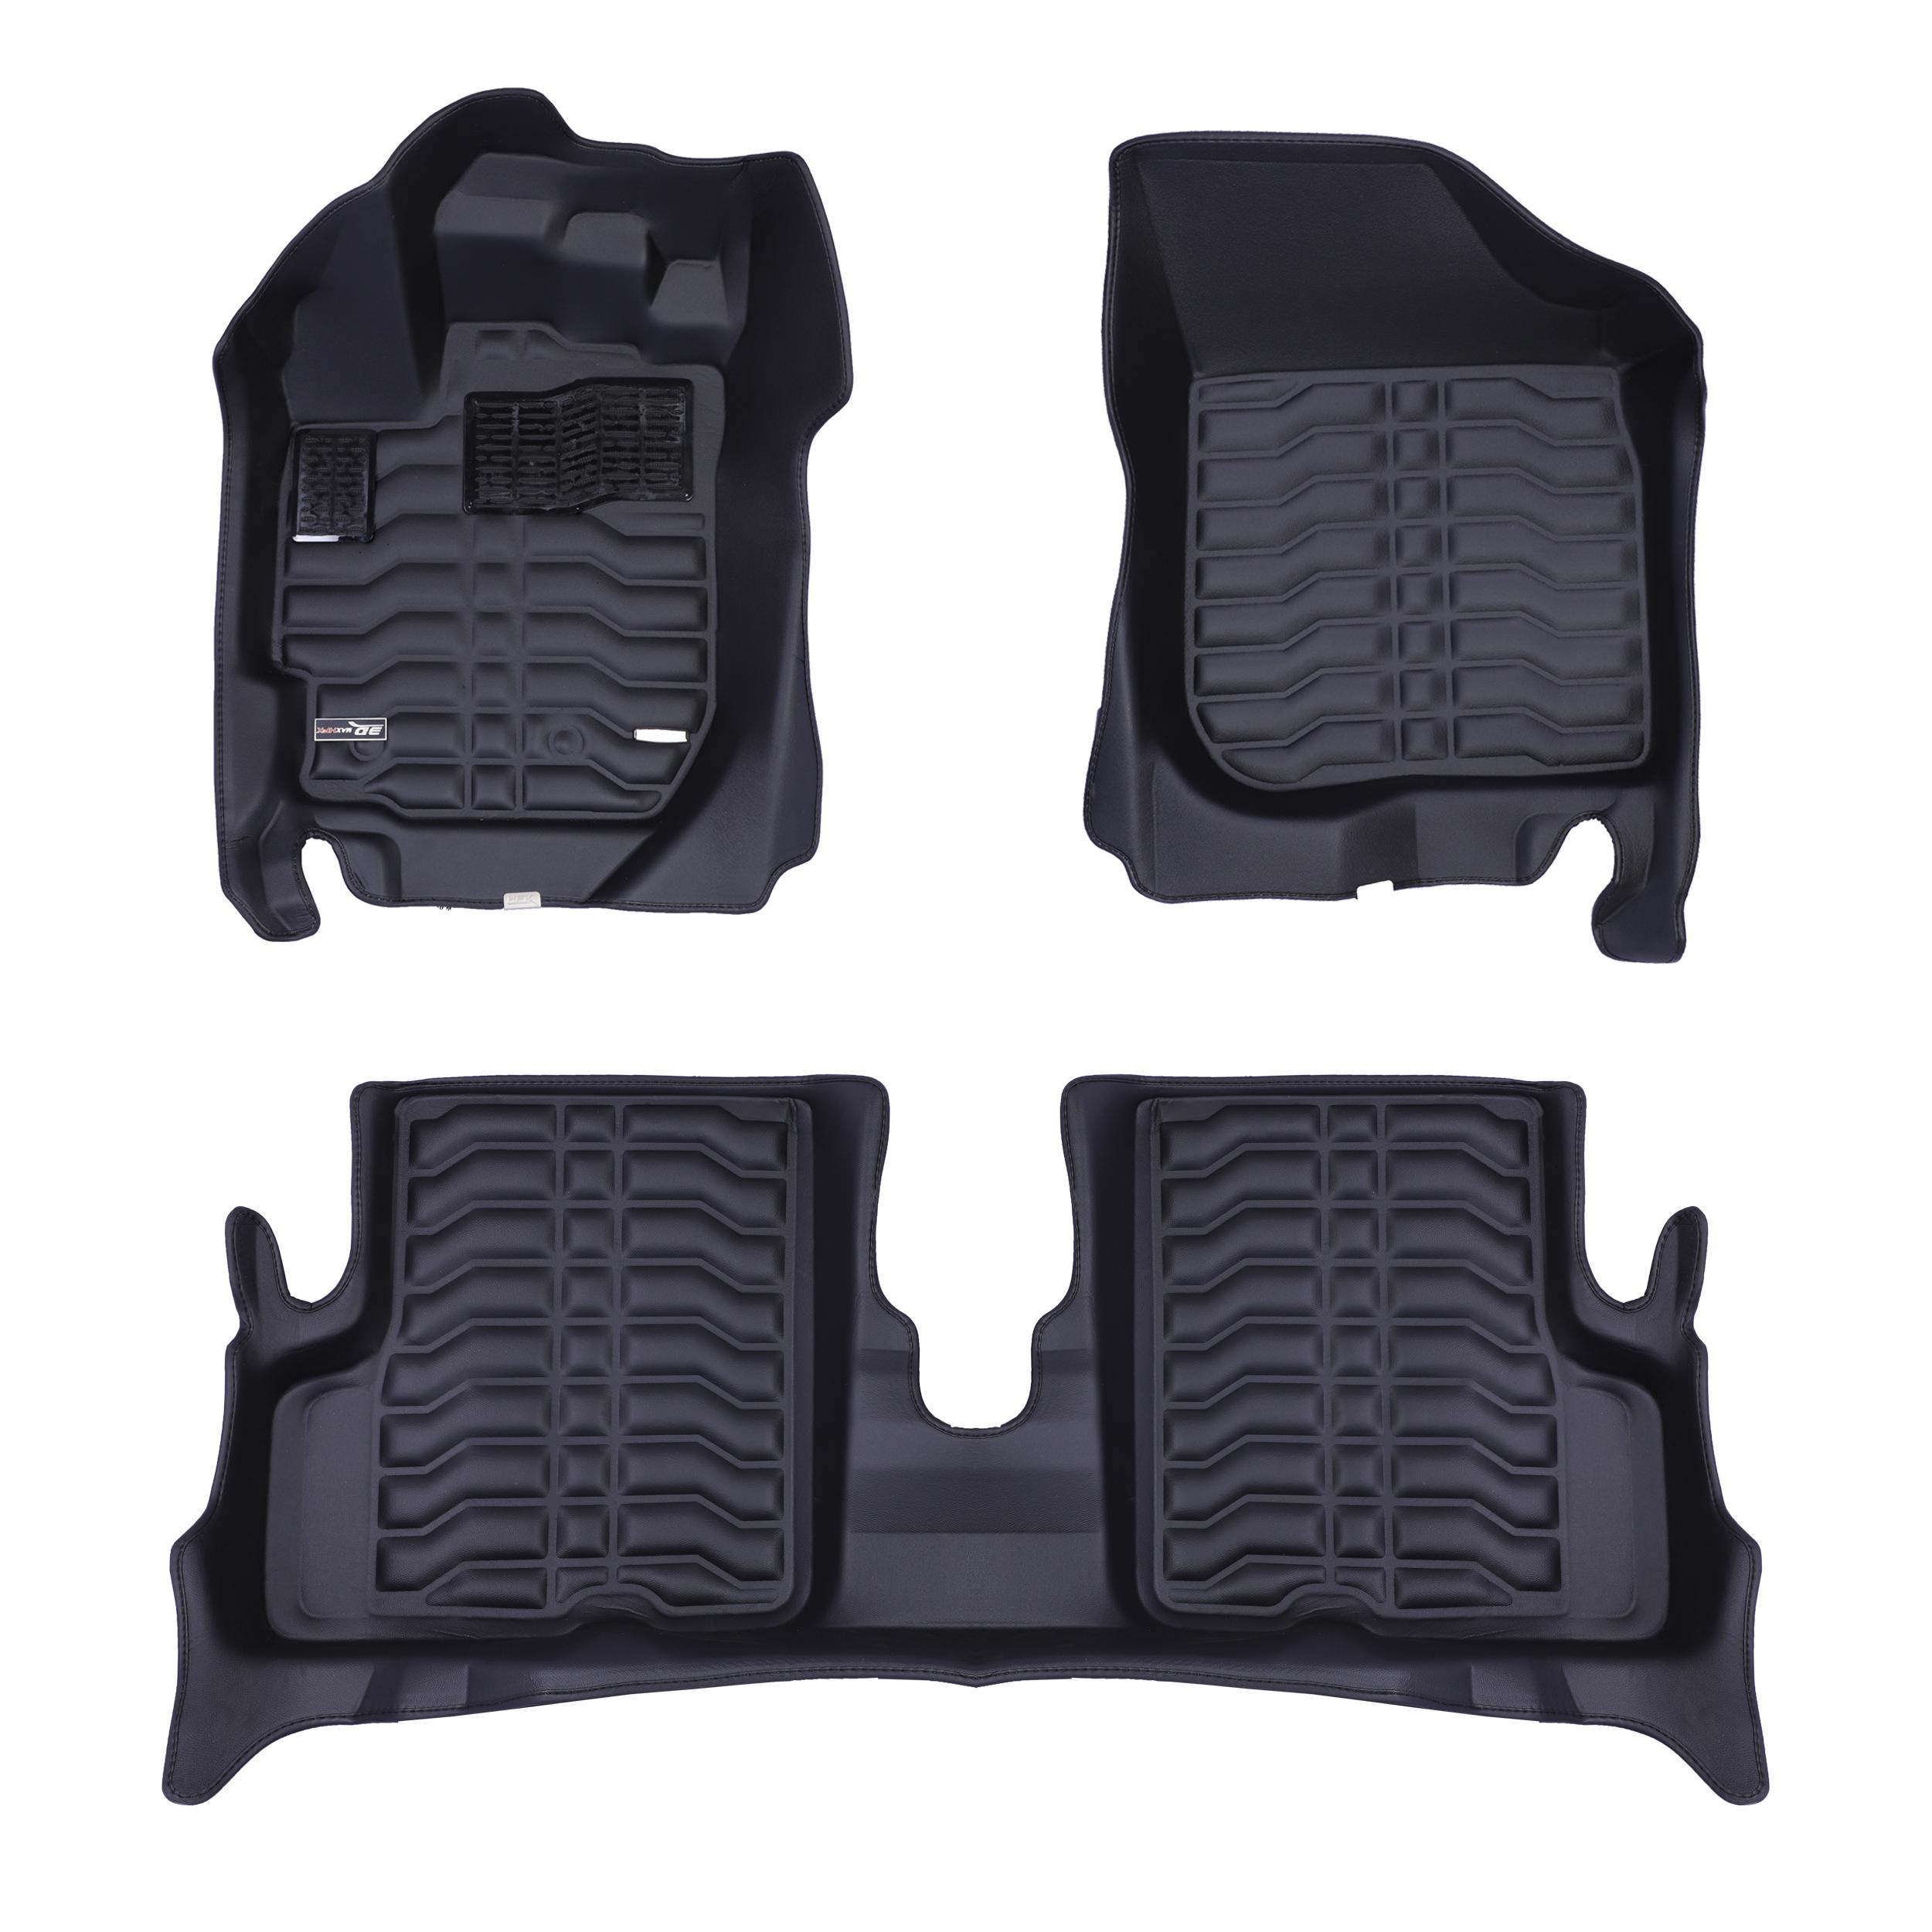 کفپوش سه بعدی خودرو تری دی مکس اچ اف کی مدل HS12003 مناسب برای رنو داستر